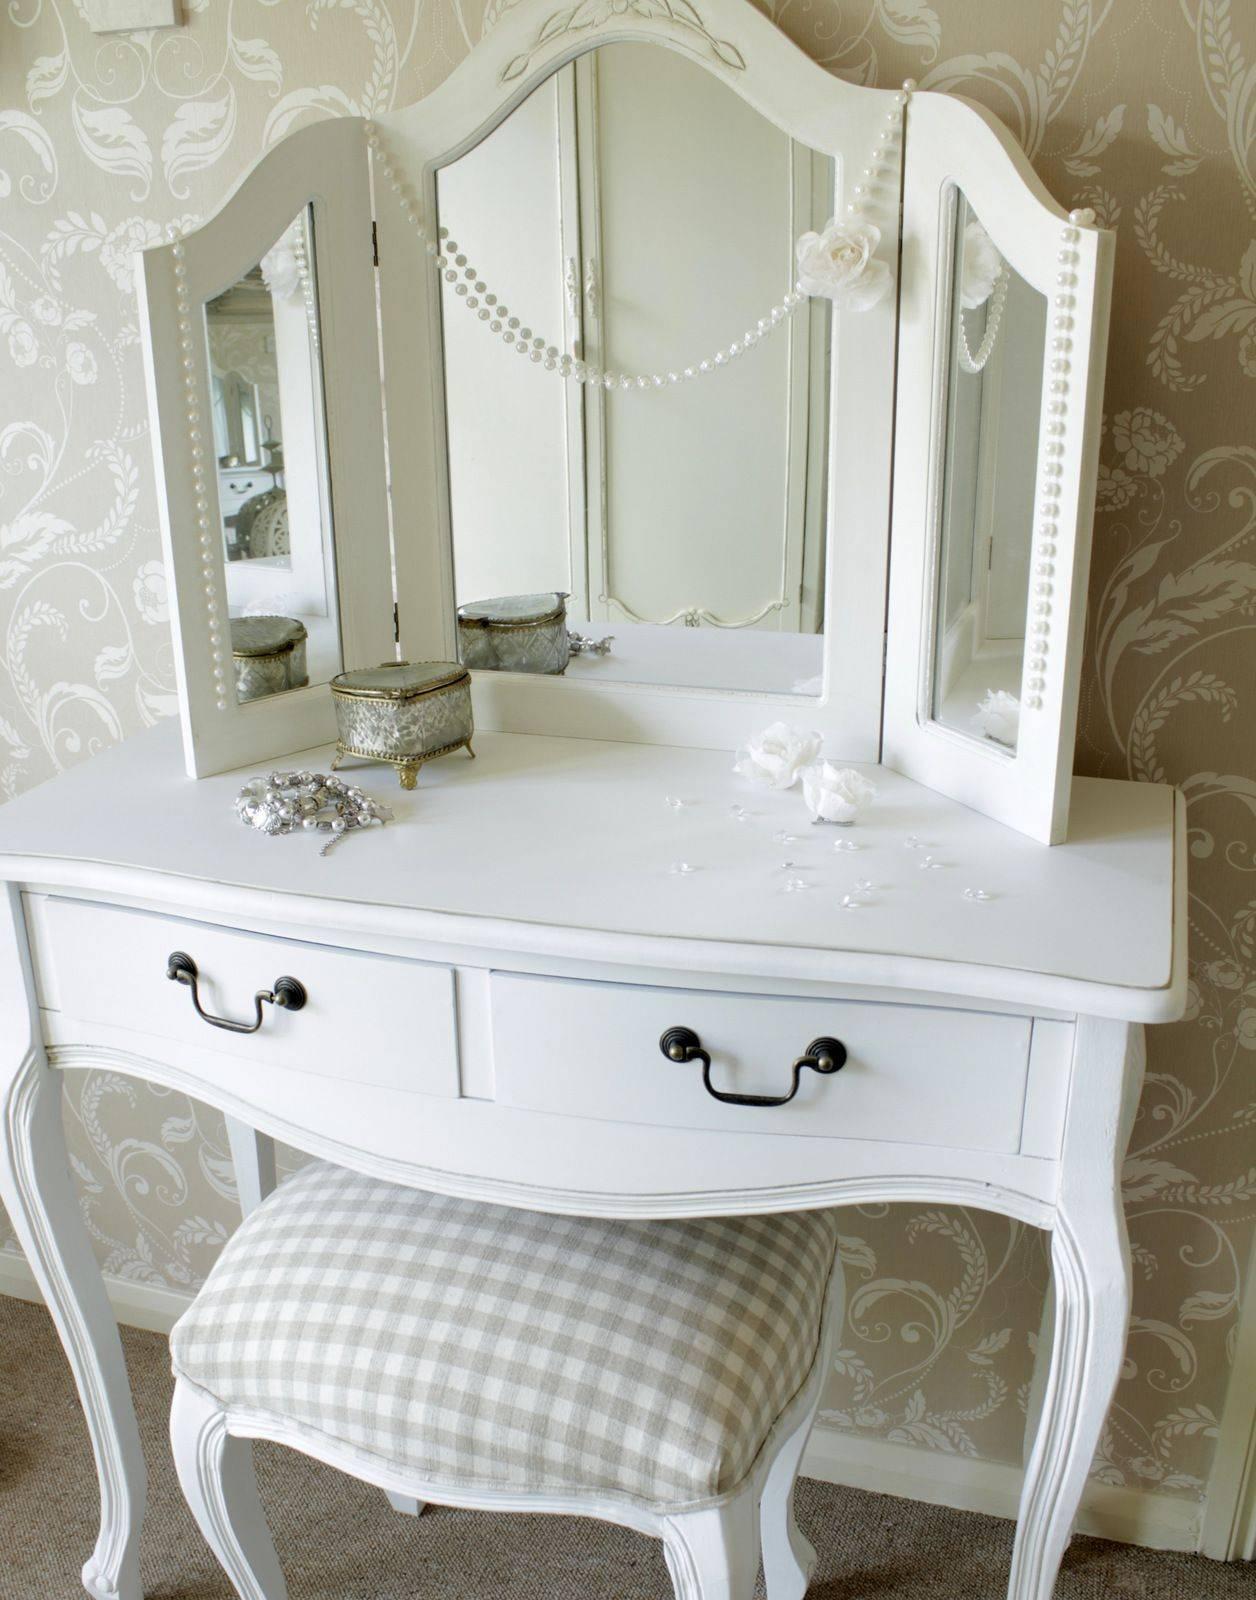 Трельяж (60 фото): что это такое, туалетный столик с тремя зеркальными дверками, в чем его отличие от настенного трюмо